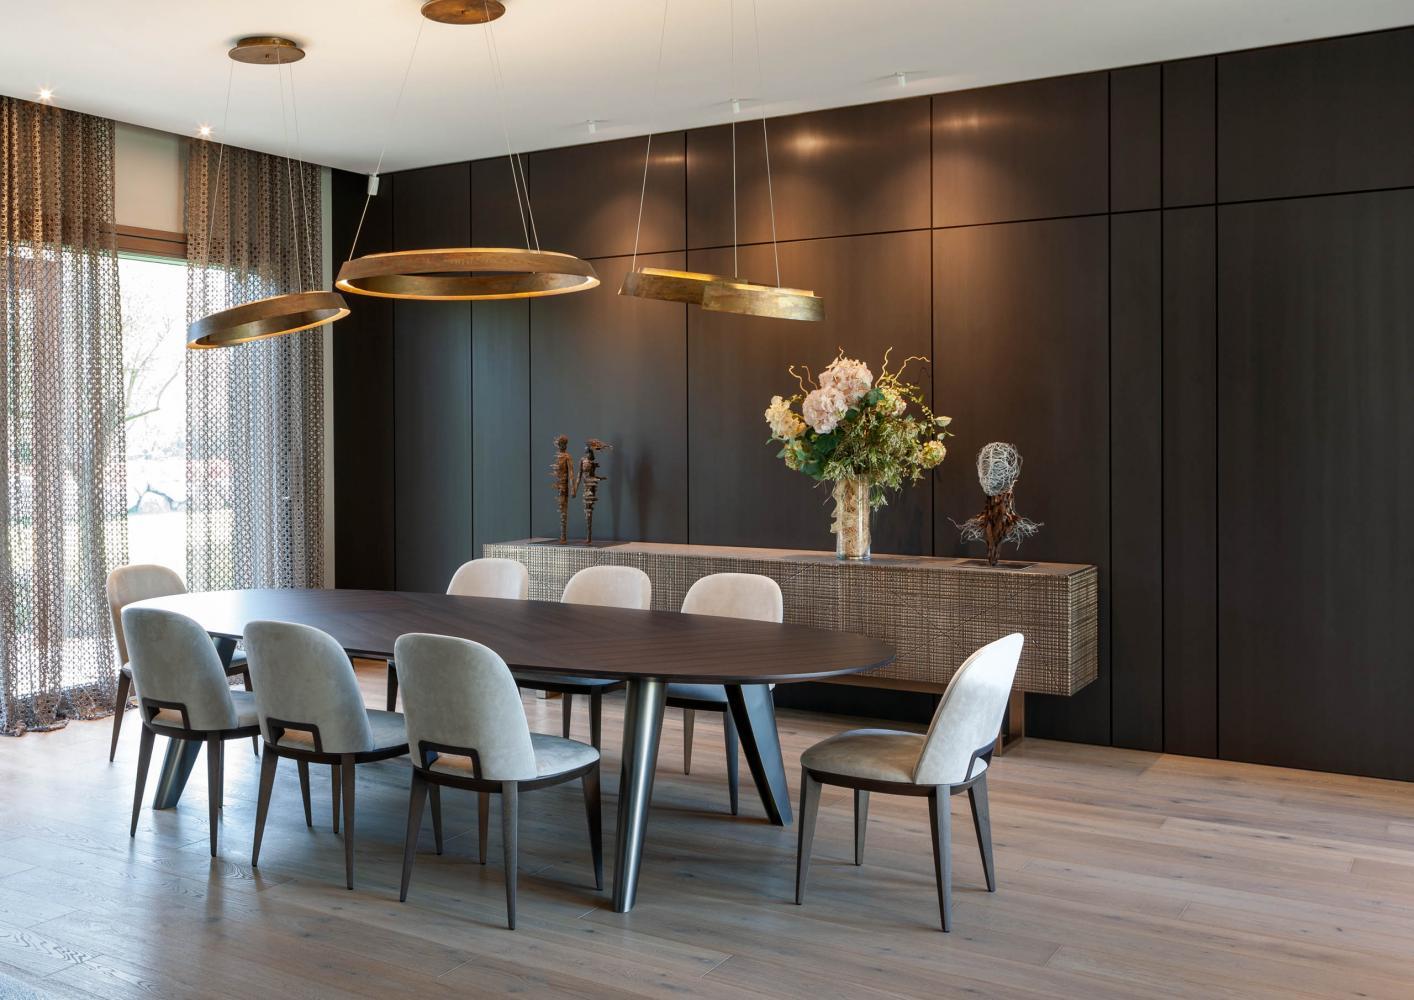 Luxury private villa in Como, living room interior design by Laurameroni Design Collection